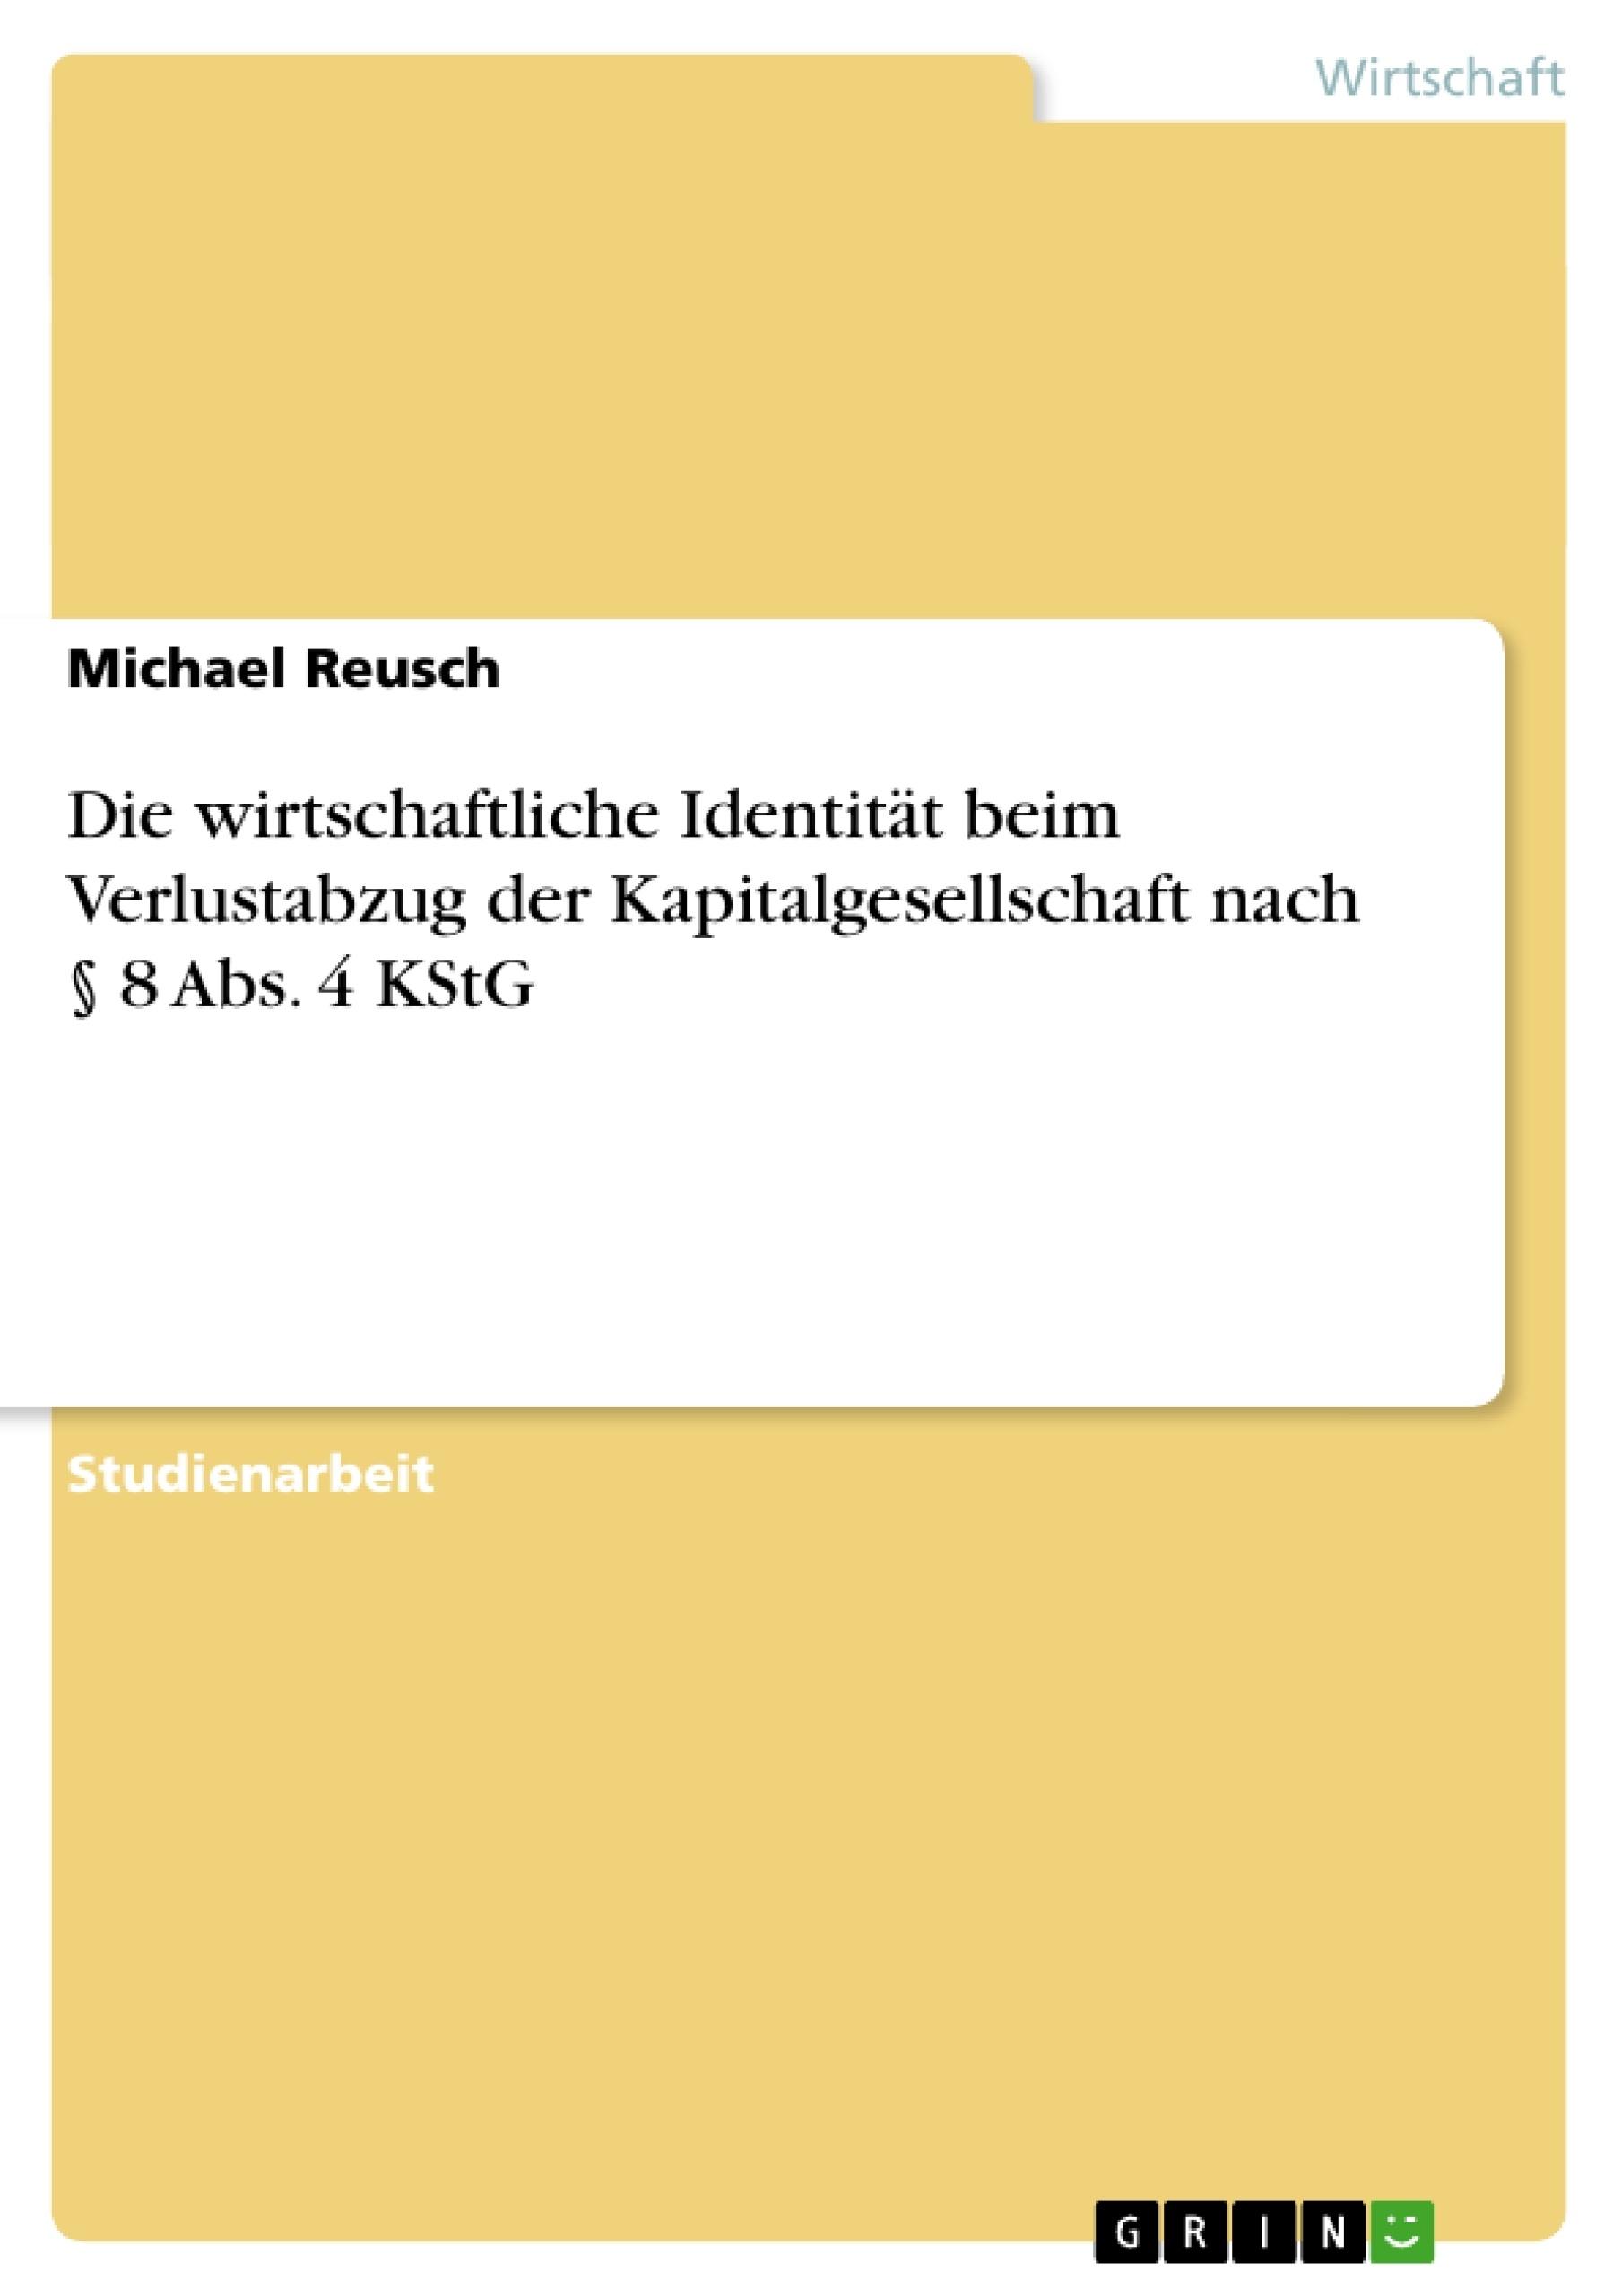 Titel: Die wirtschaftliche Identität beim Verlustabzug der Kapitalgesellschaft nach § 8 Abs. 4 KStG